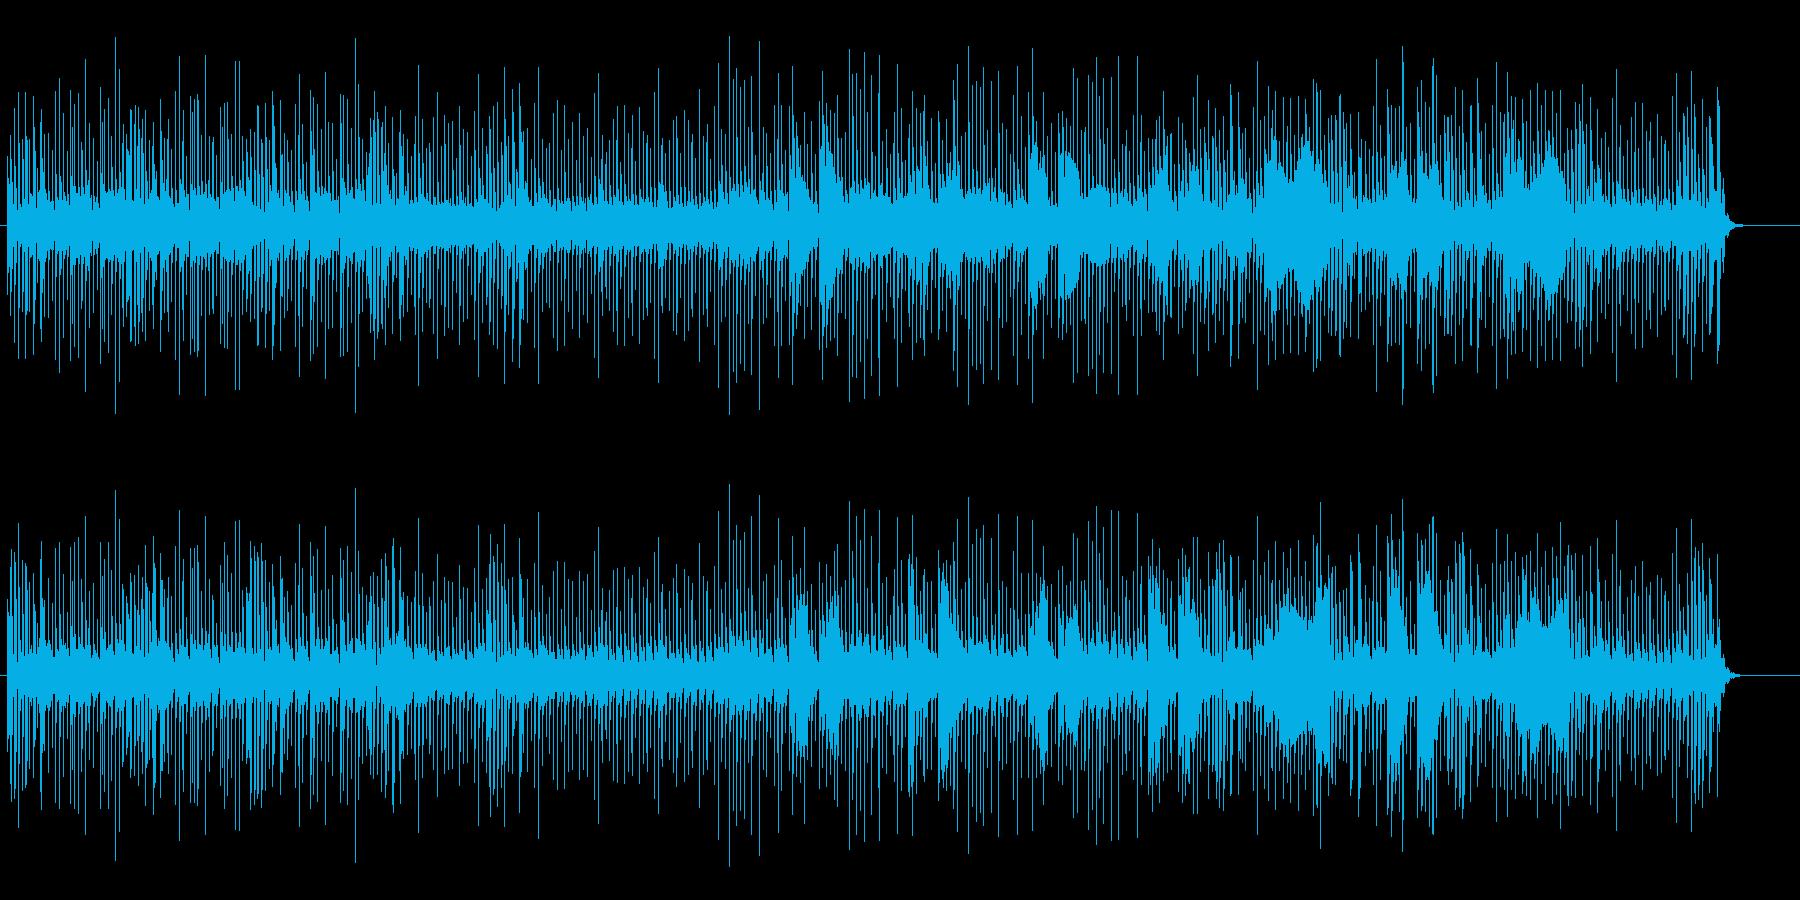 ユニークな響きのミュージックの再生済みの波形